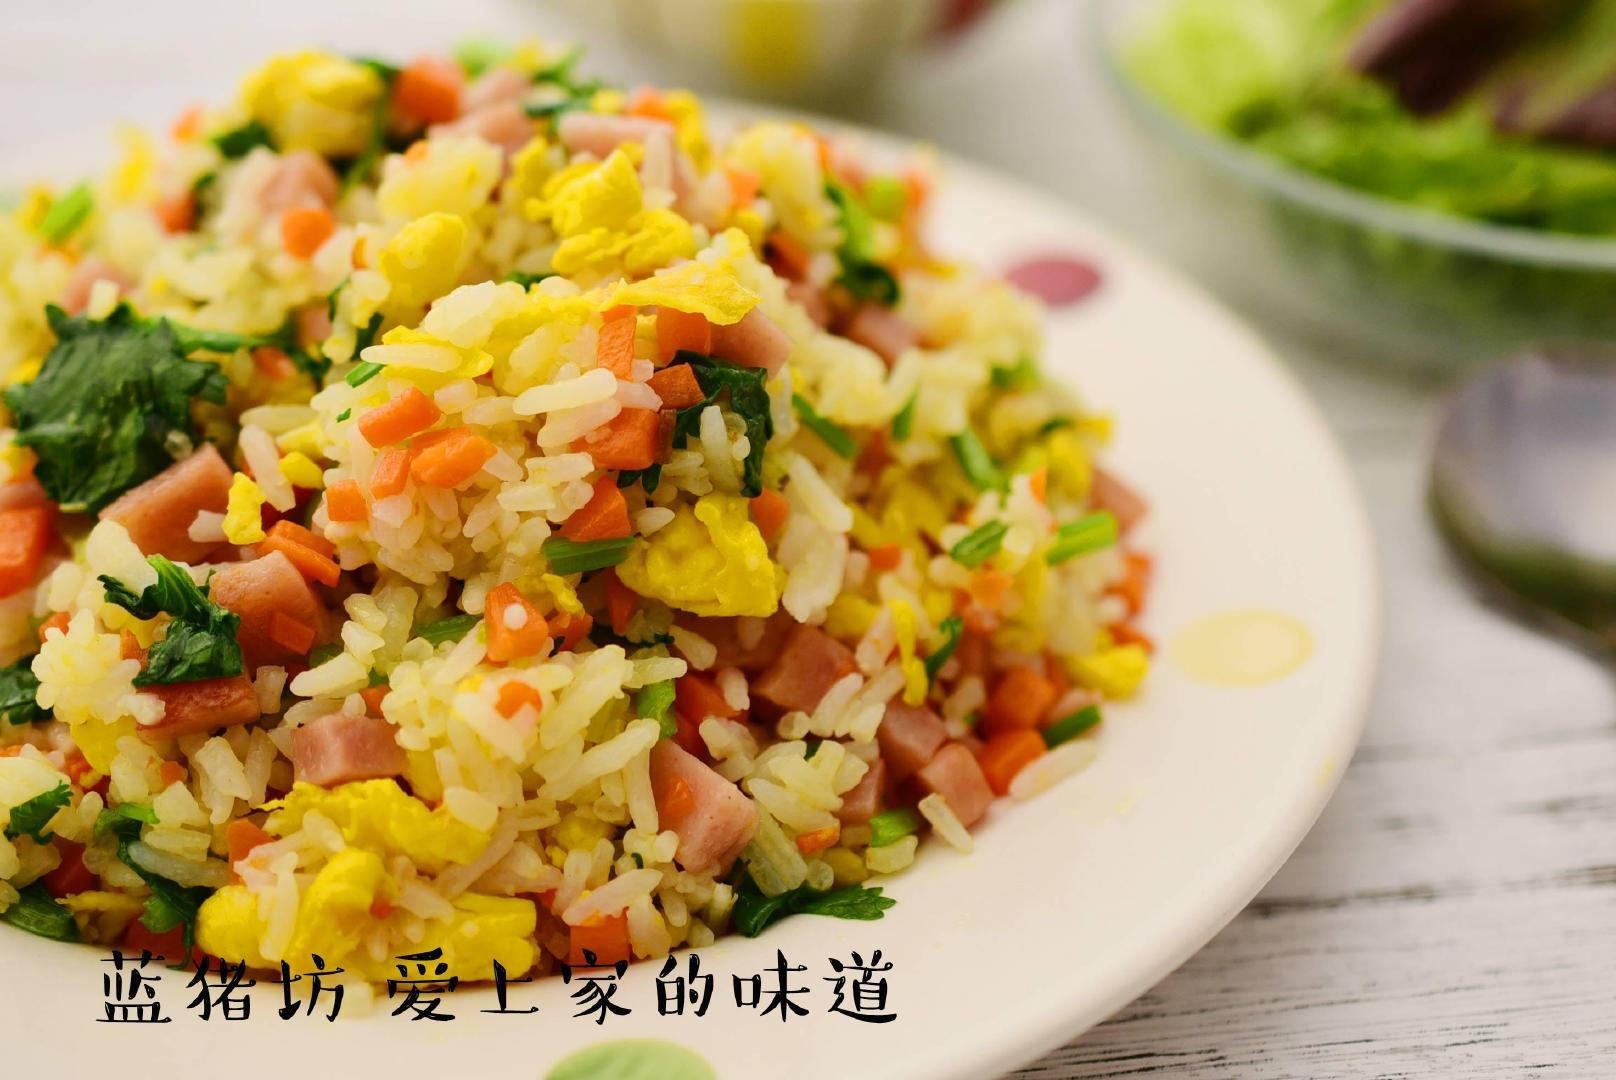 香菜火腿炒饭